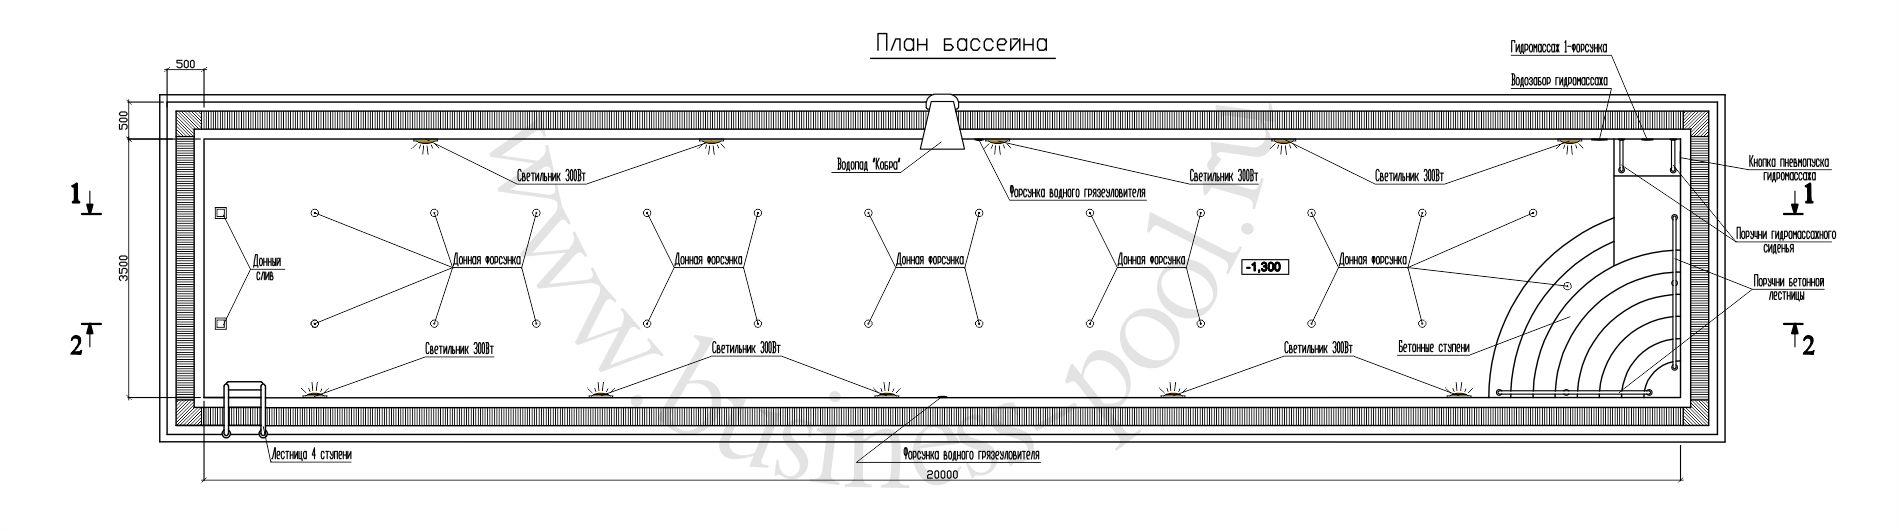 Планировка проекта тз-0024-п